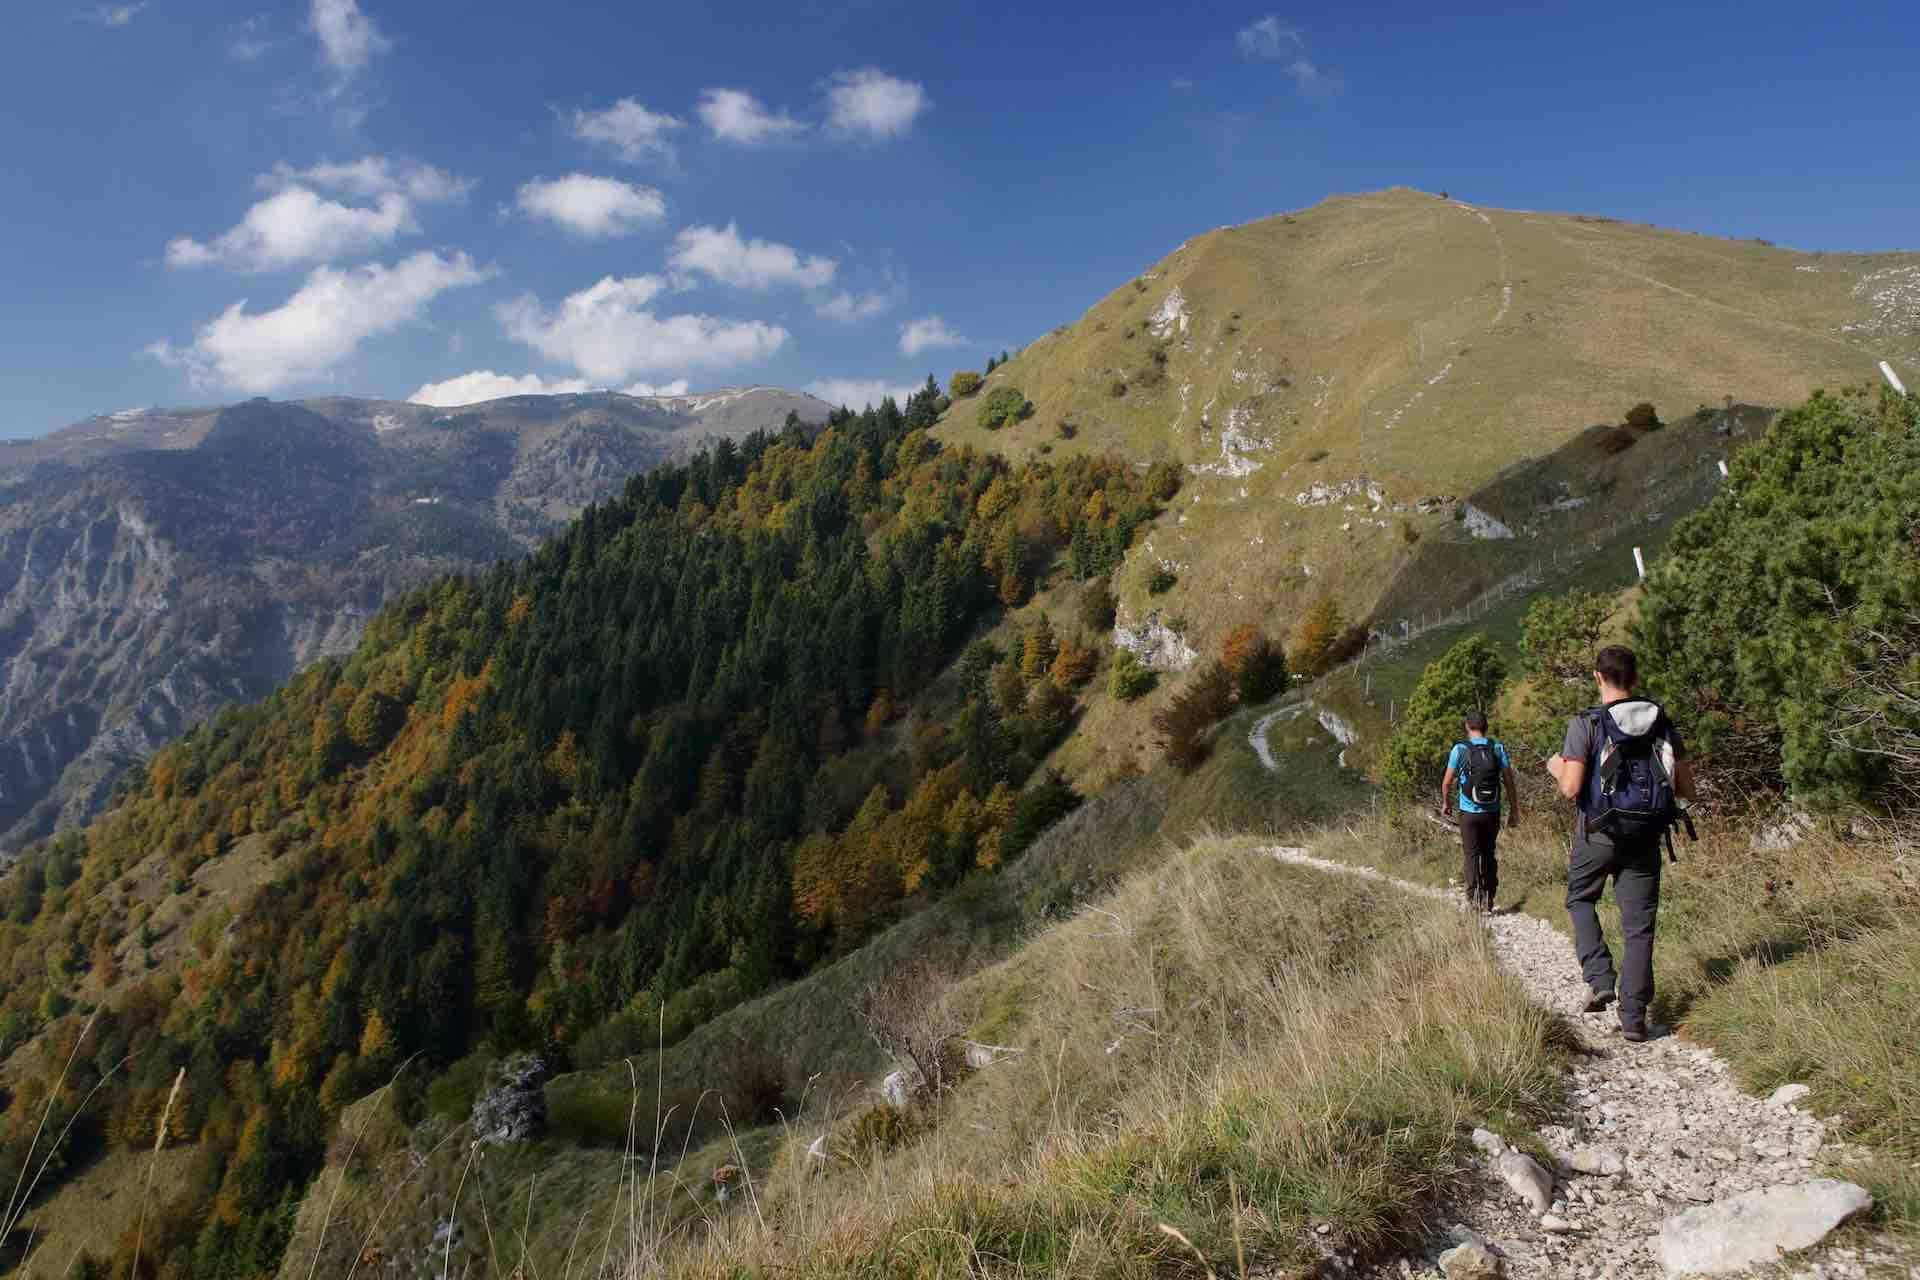 Monte Grappa, Monte Cesen e Col Visentin: conoscili percorrendo l'Alta Via TV1 in Veneto